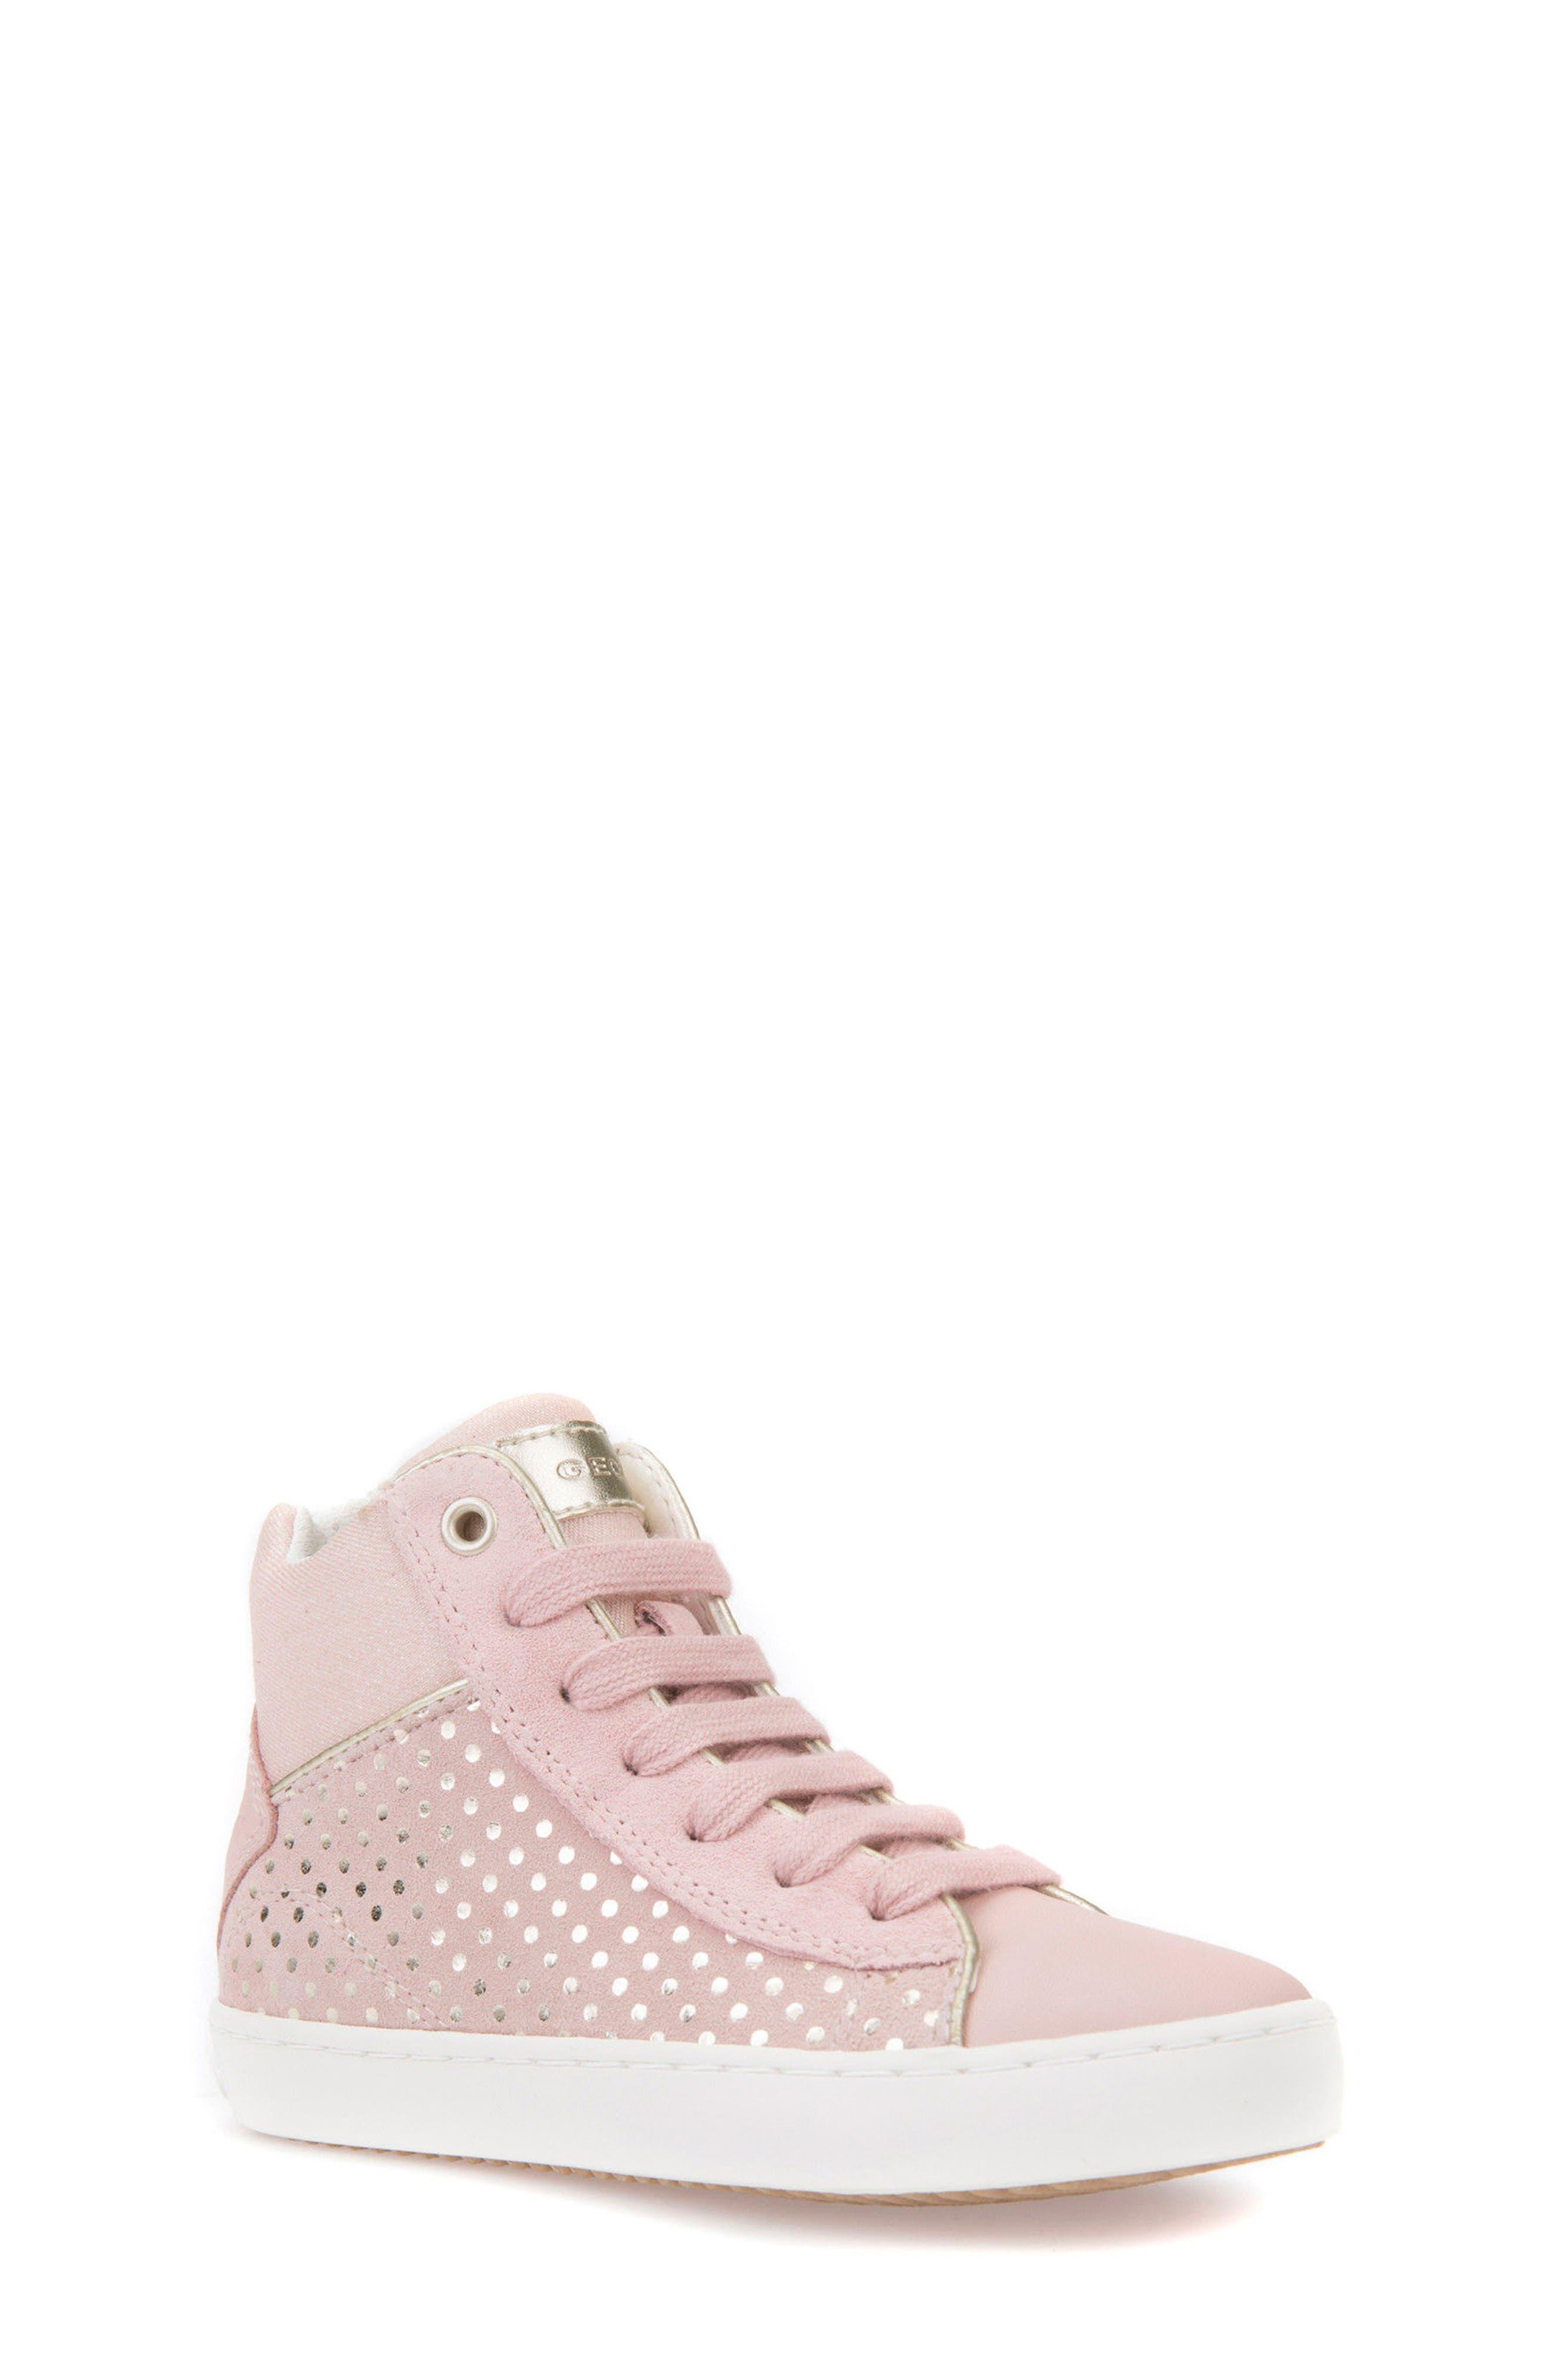 Kilwi High Top Zip Sneaker,                             Main thumbnail 1, color,                             Rose